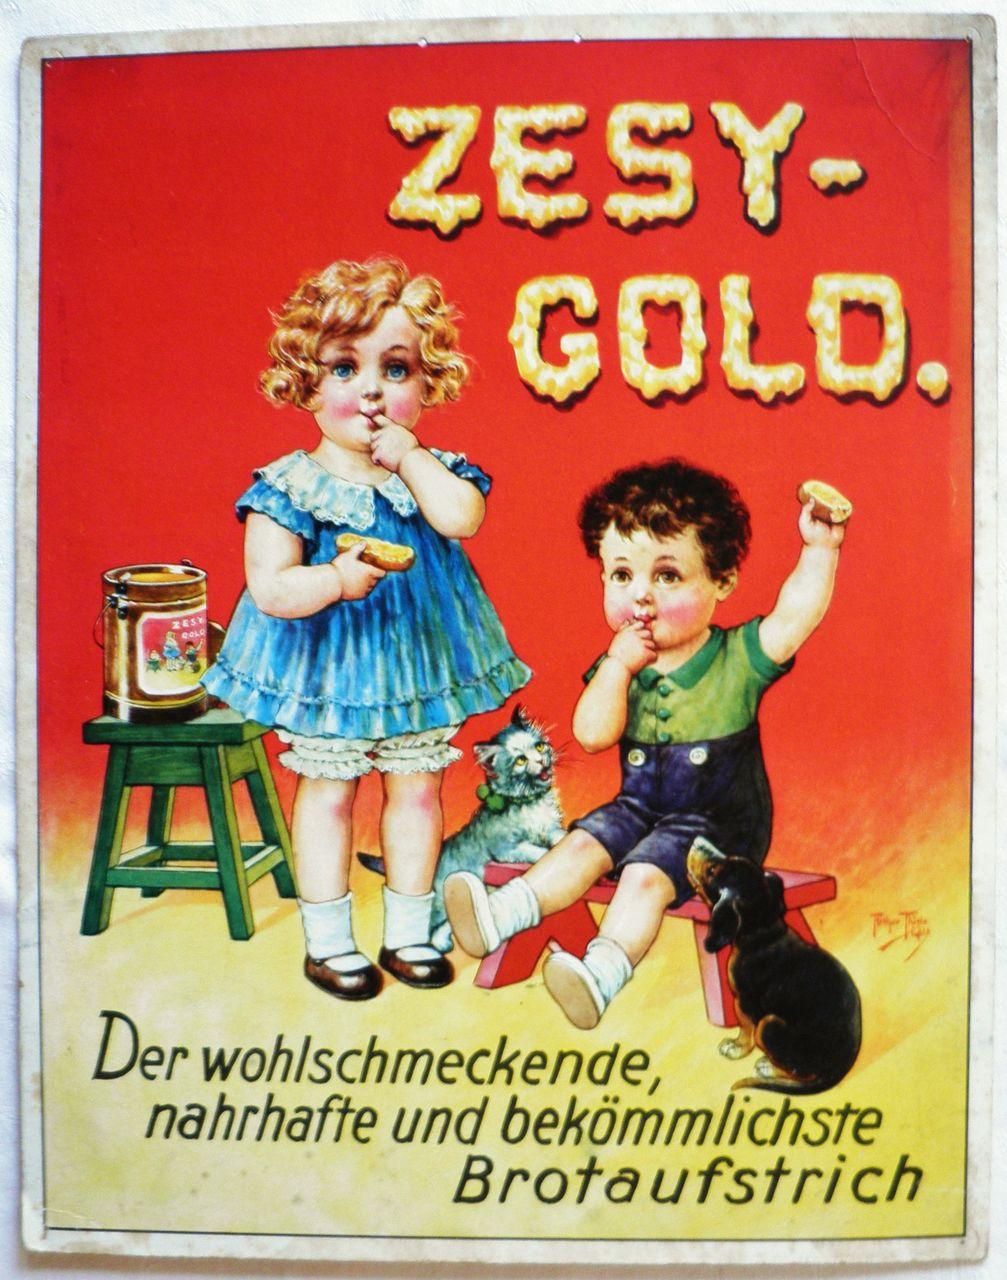 Arthur Thiele Poster